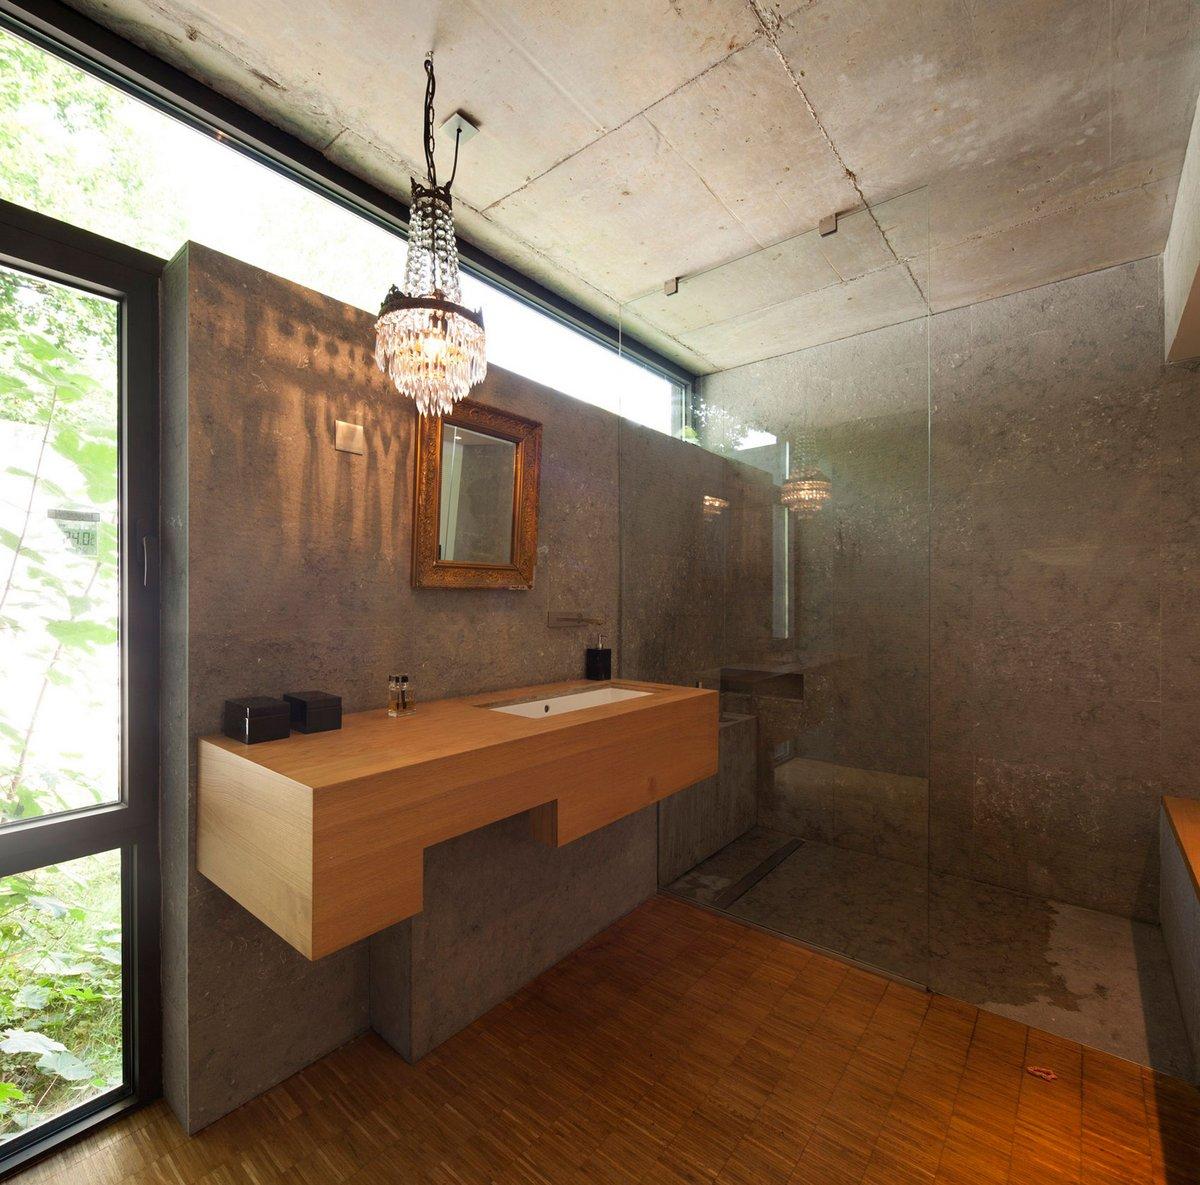 душ в частном доме во Франции